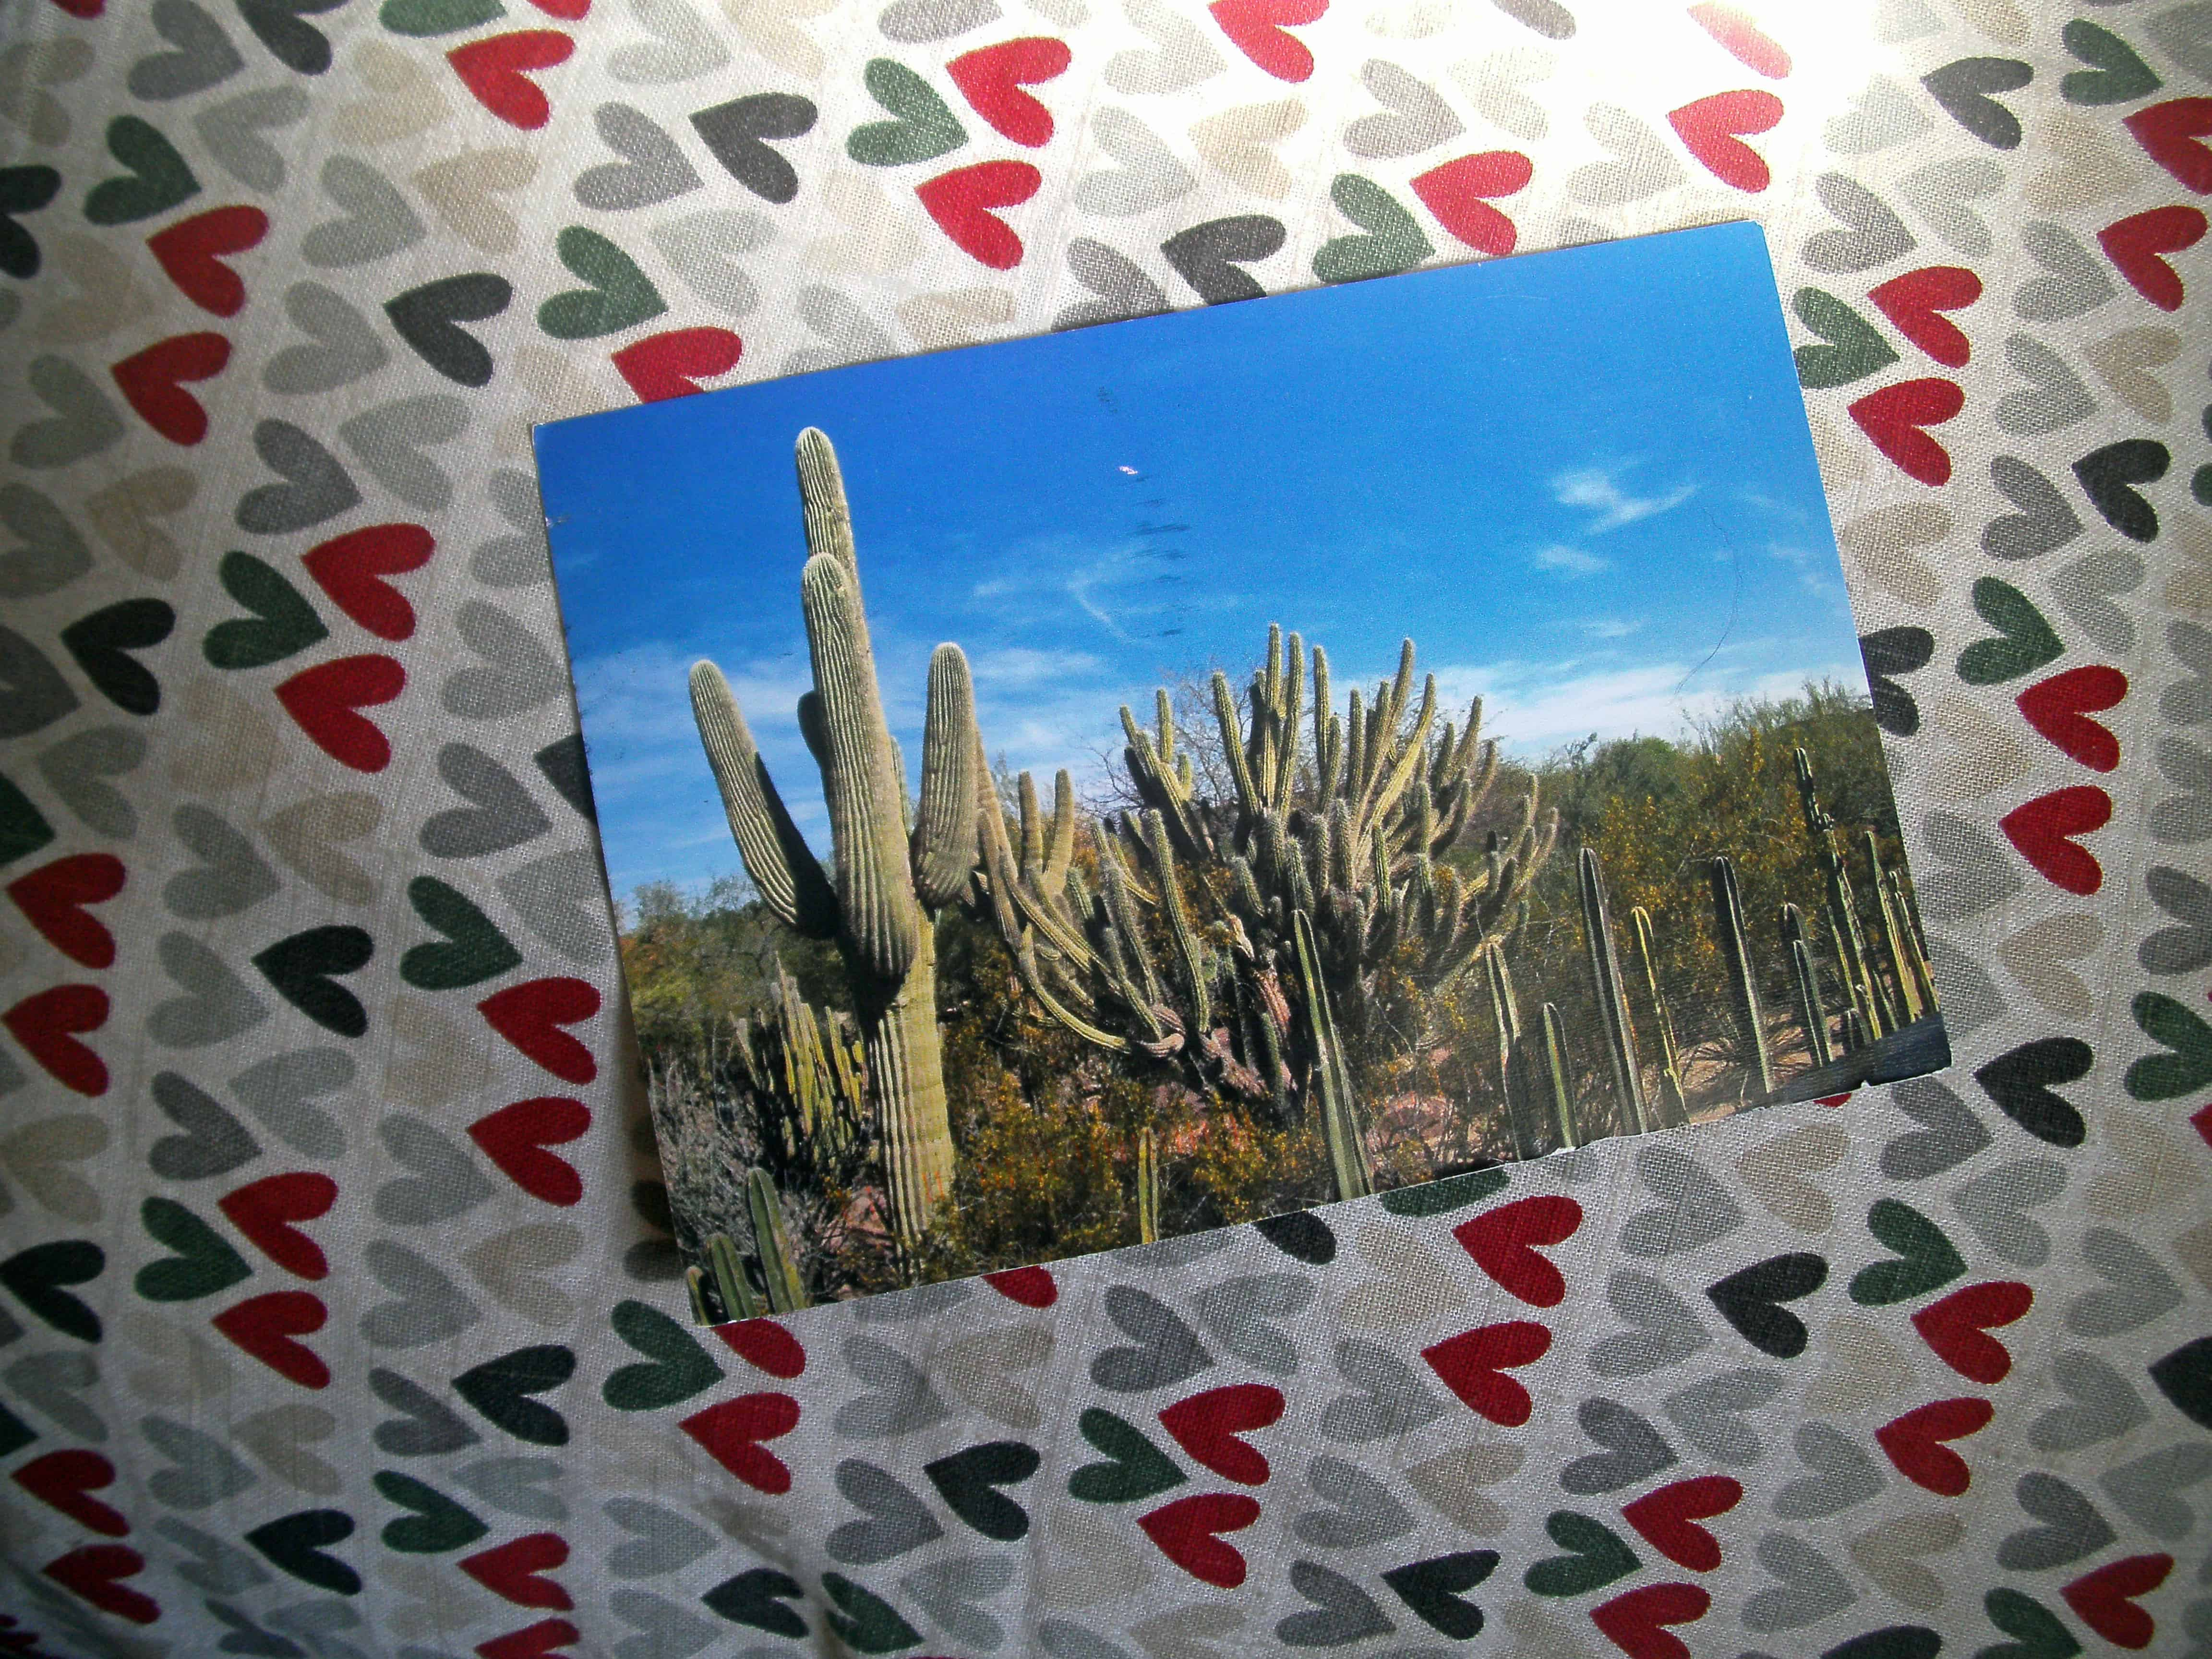 Desert Botanical Garden by Deanie Houghtaling, USA